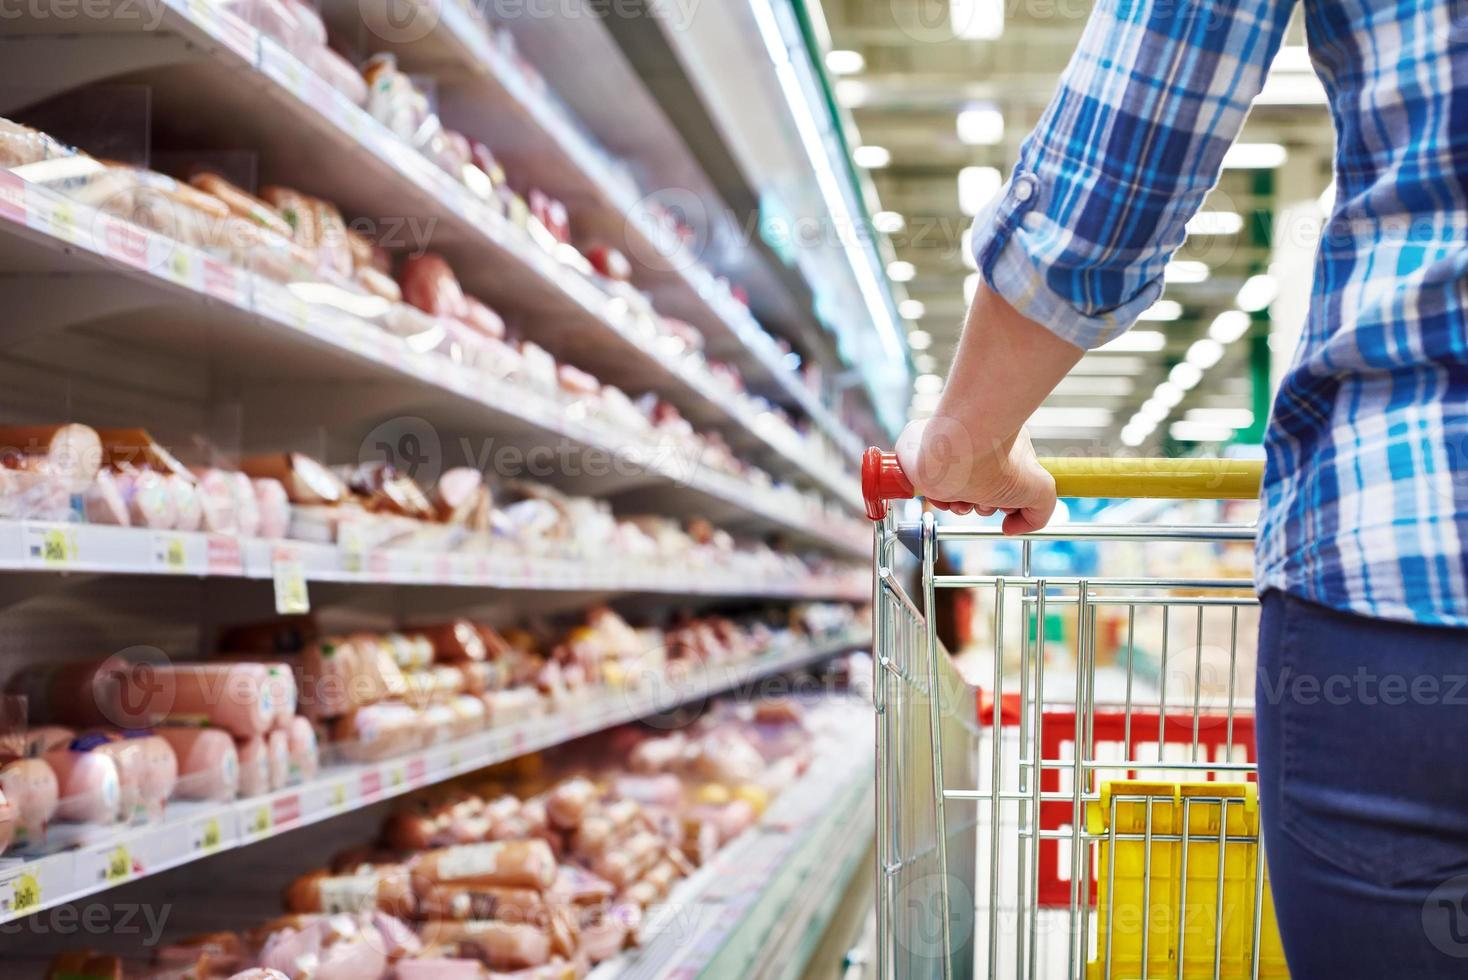 acheteur de chariot dans un supermarché photo